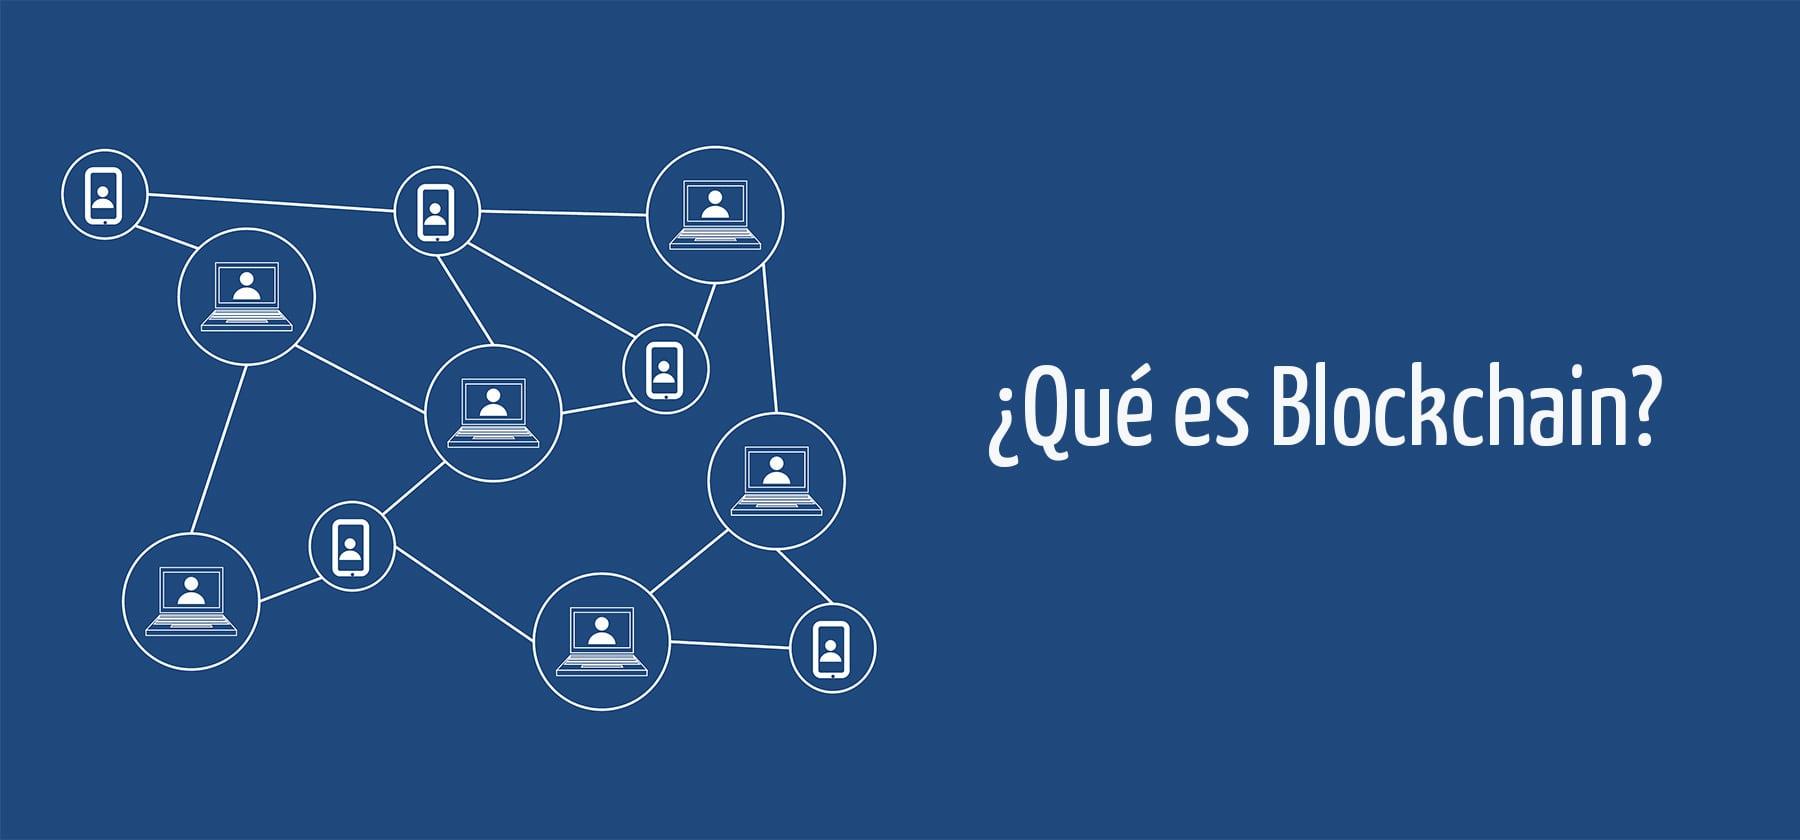 ¿Qué es Blockchain? Fundamentos básicos de la cadena de bloques